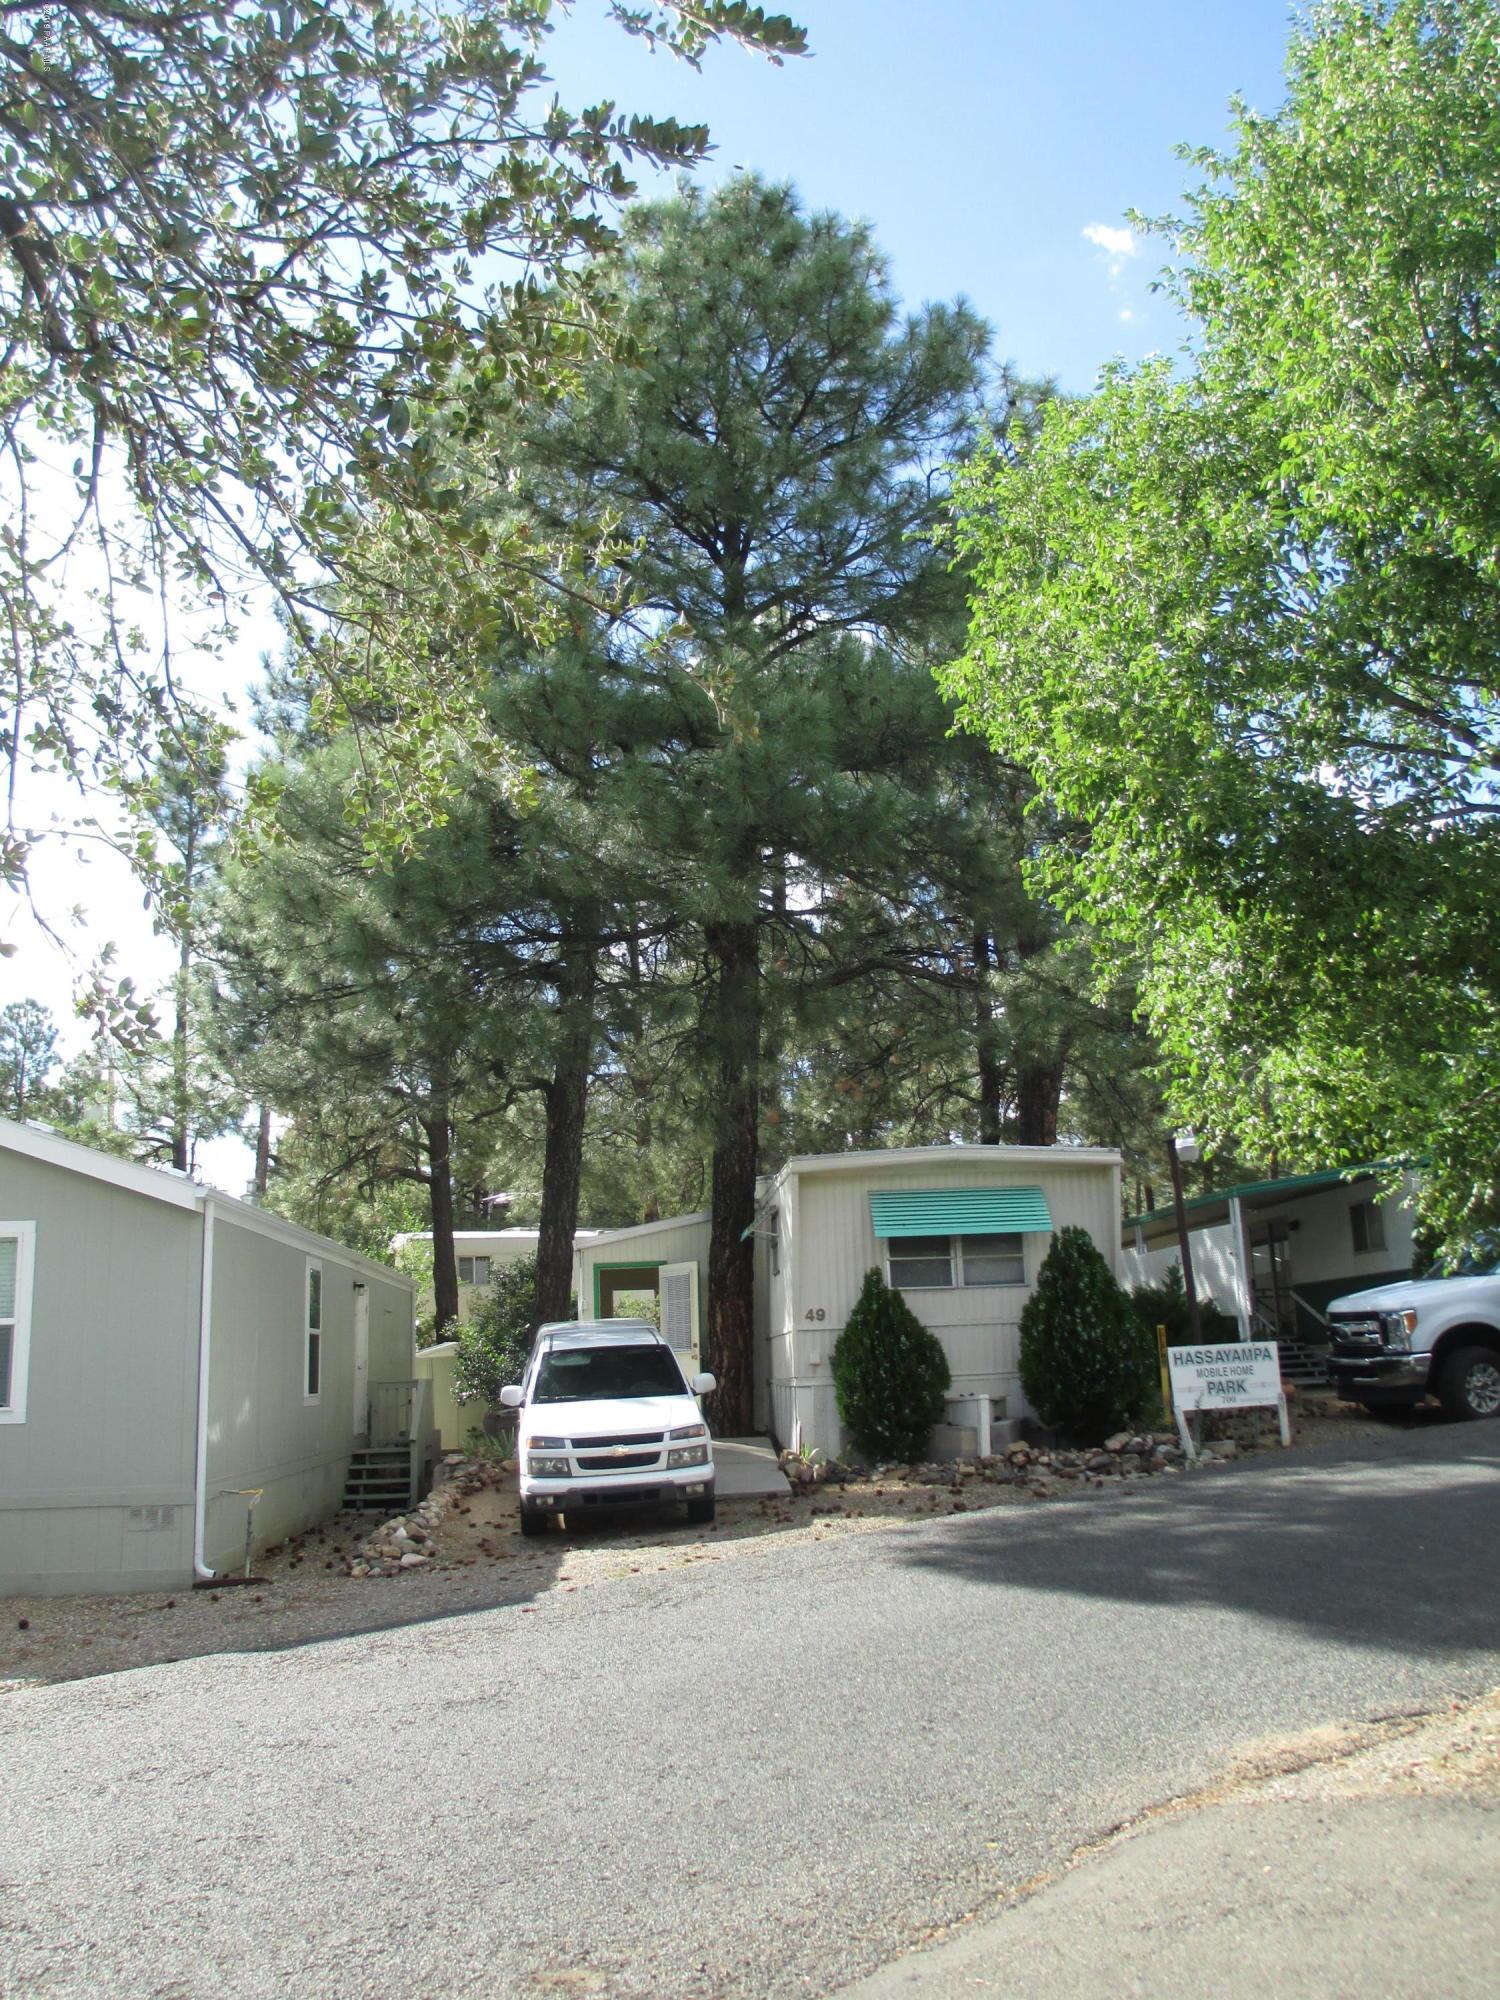 Photo of 700 White Spar #49, Prescott, AZ 86303